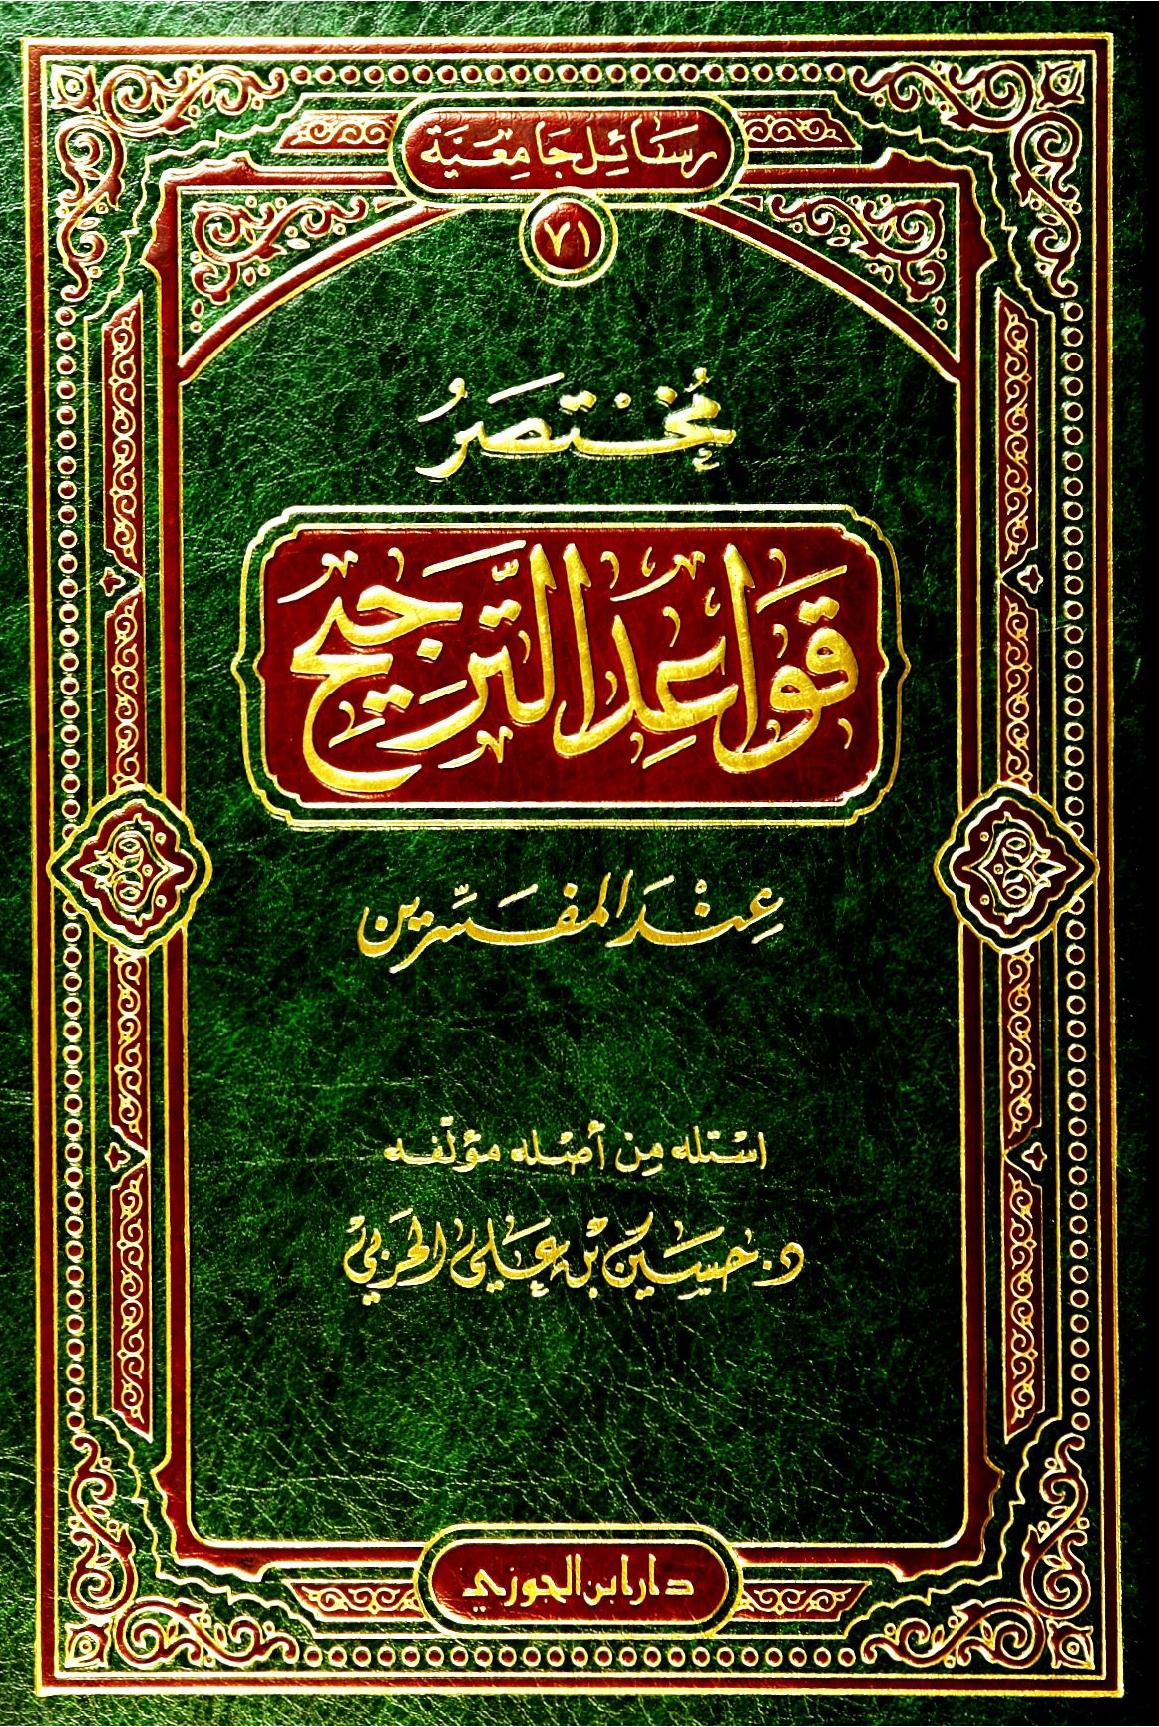 مختصر قواعد الترجيح عند المفسرين - حسين بن علي الحربي